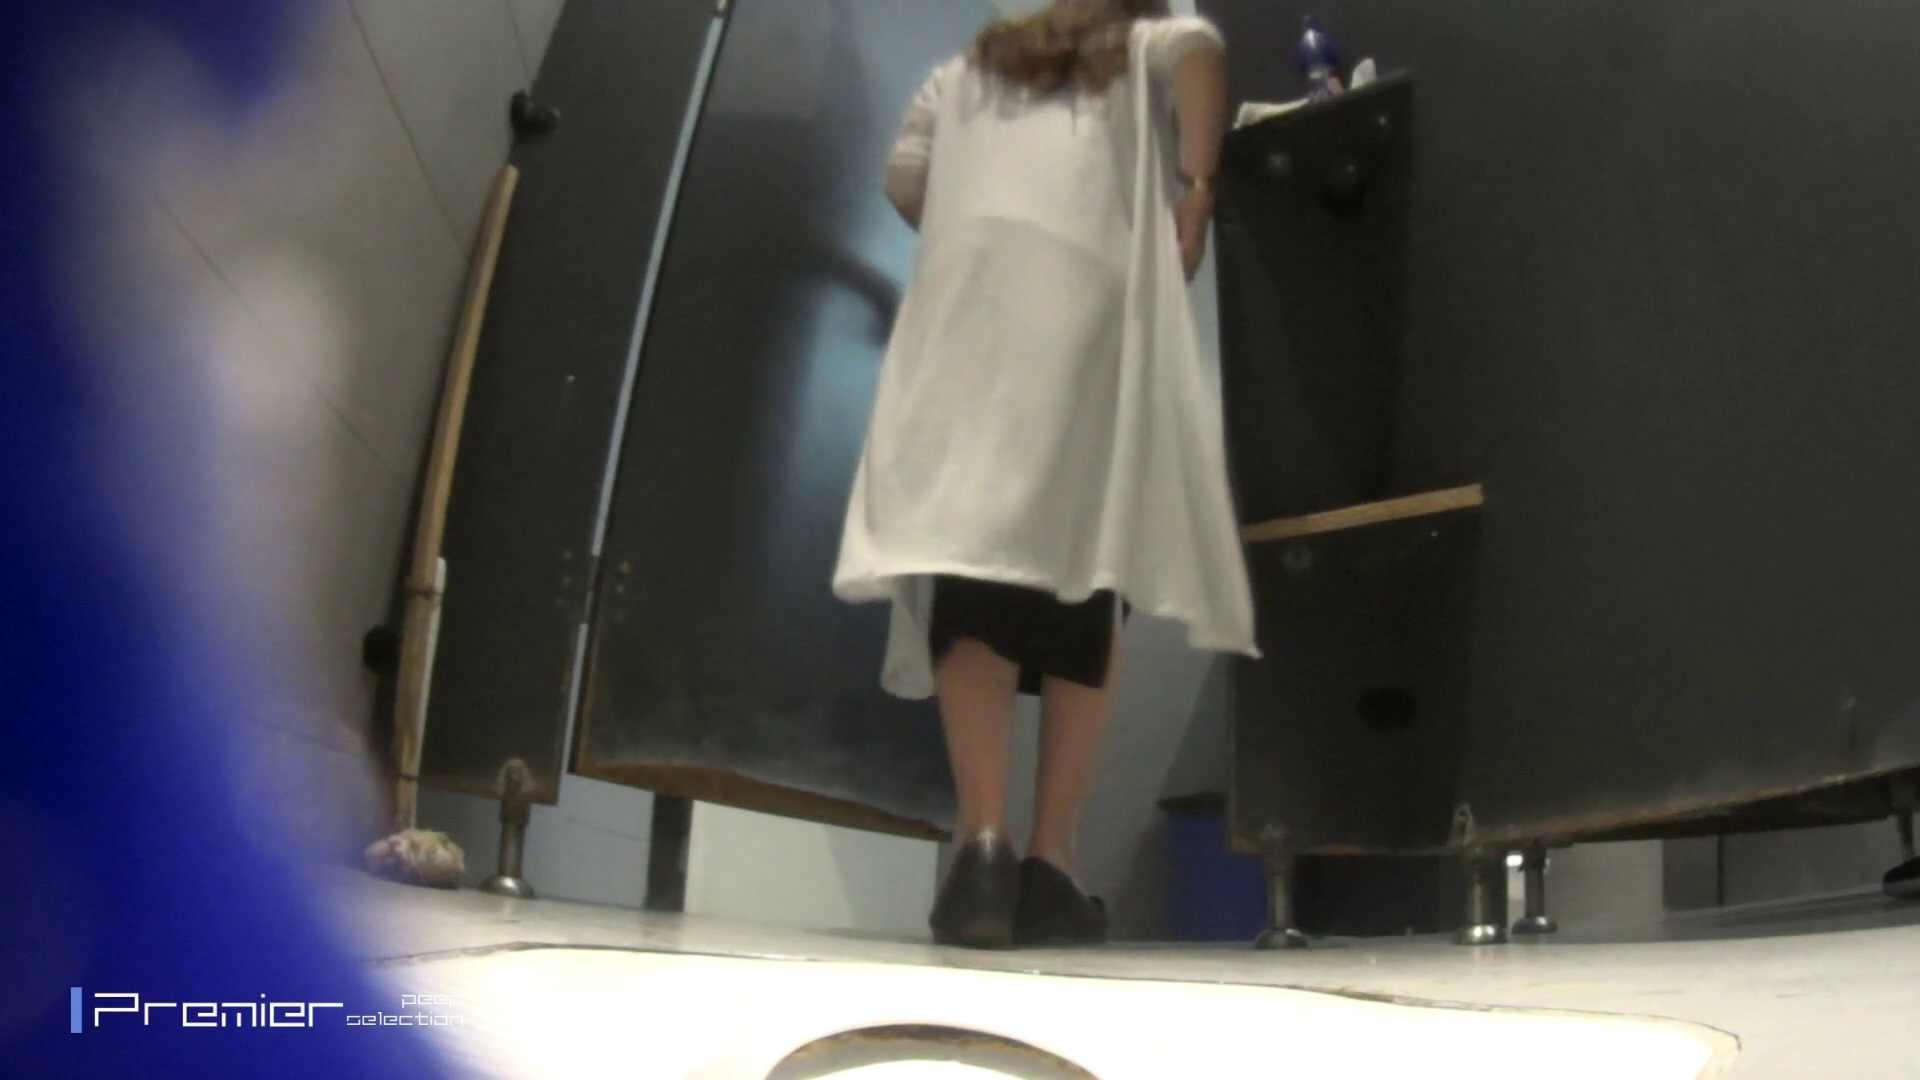 色白美女の洗面所 大学休憩時間の洗面所事情51 盗撮 オマンコ動画キャプチャ 80PIX 6